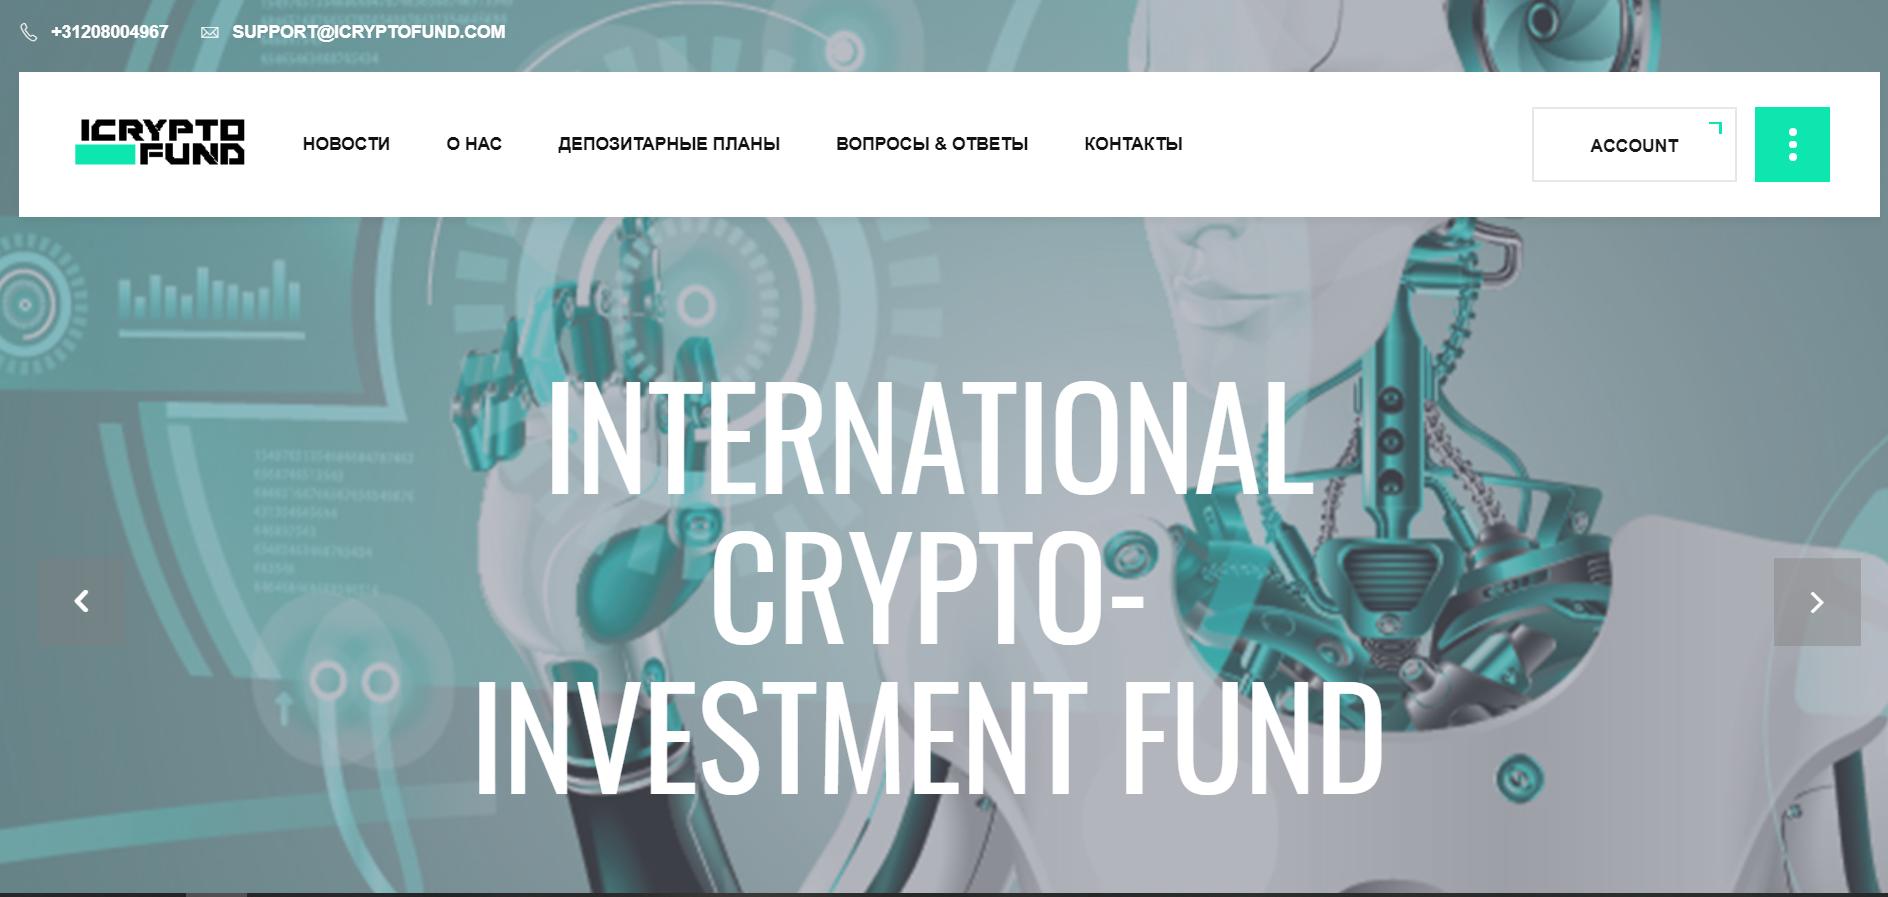 Отзывы об IcryptoFund и анализ тарифных планов — Обман? реальные отзывы